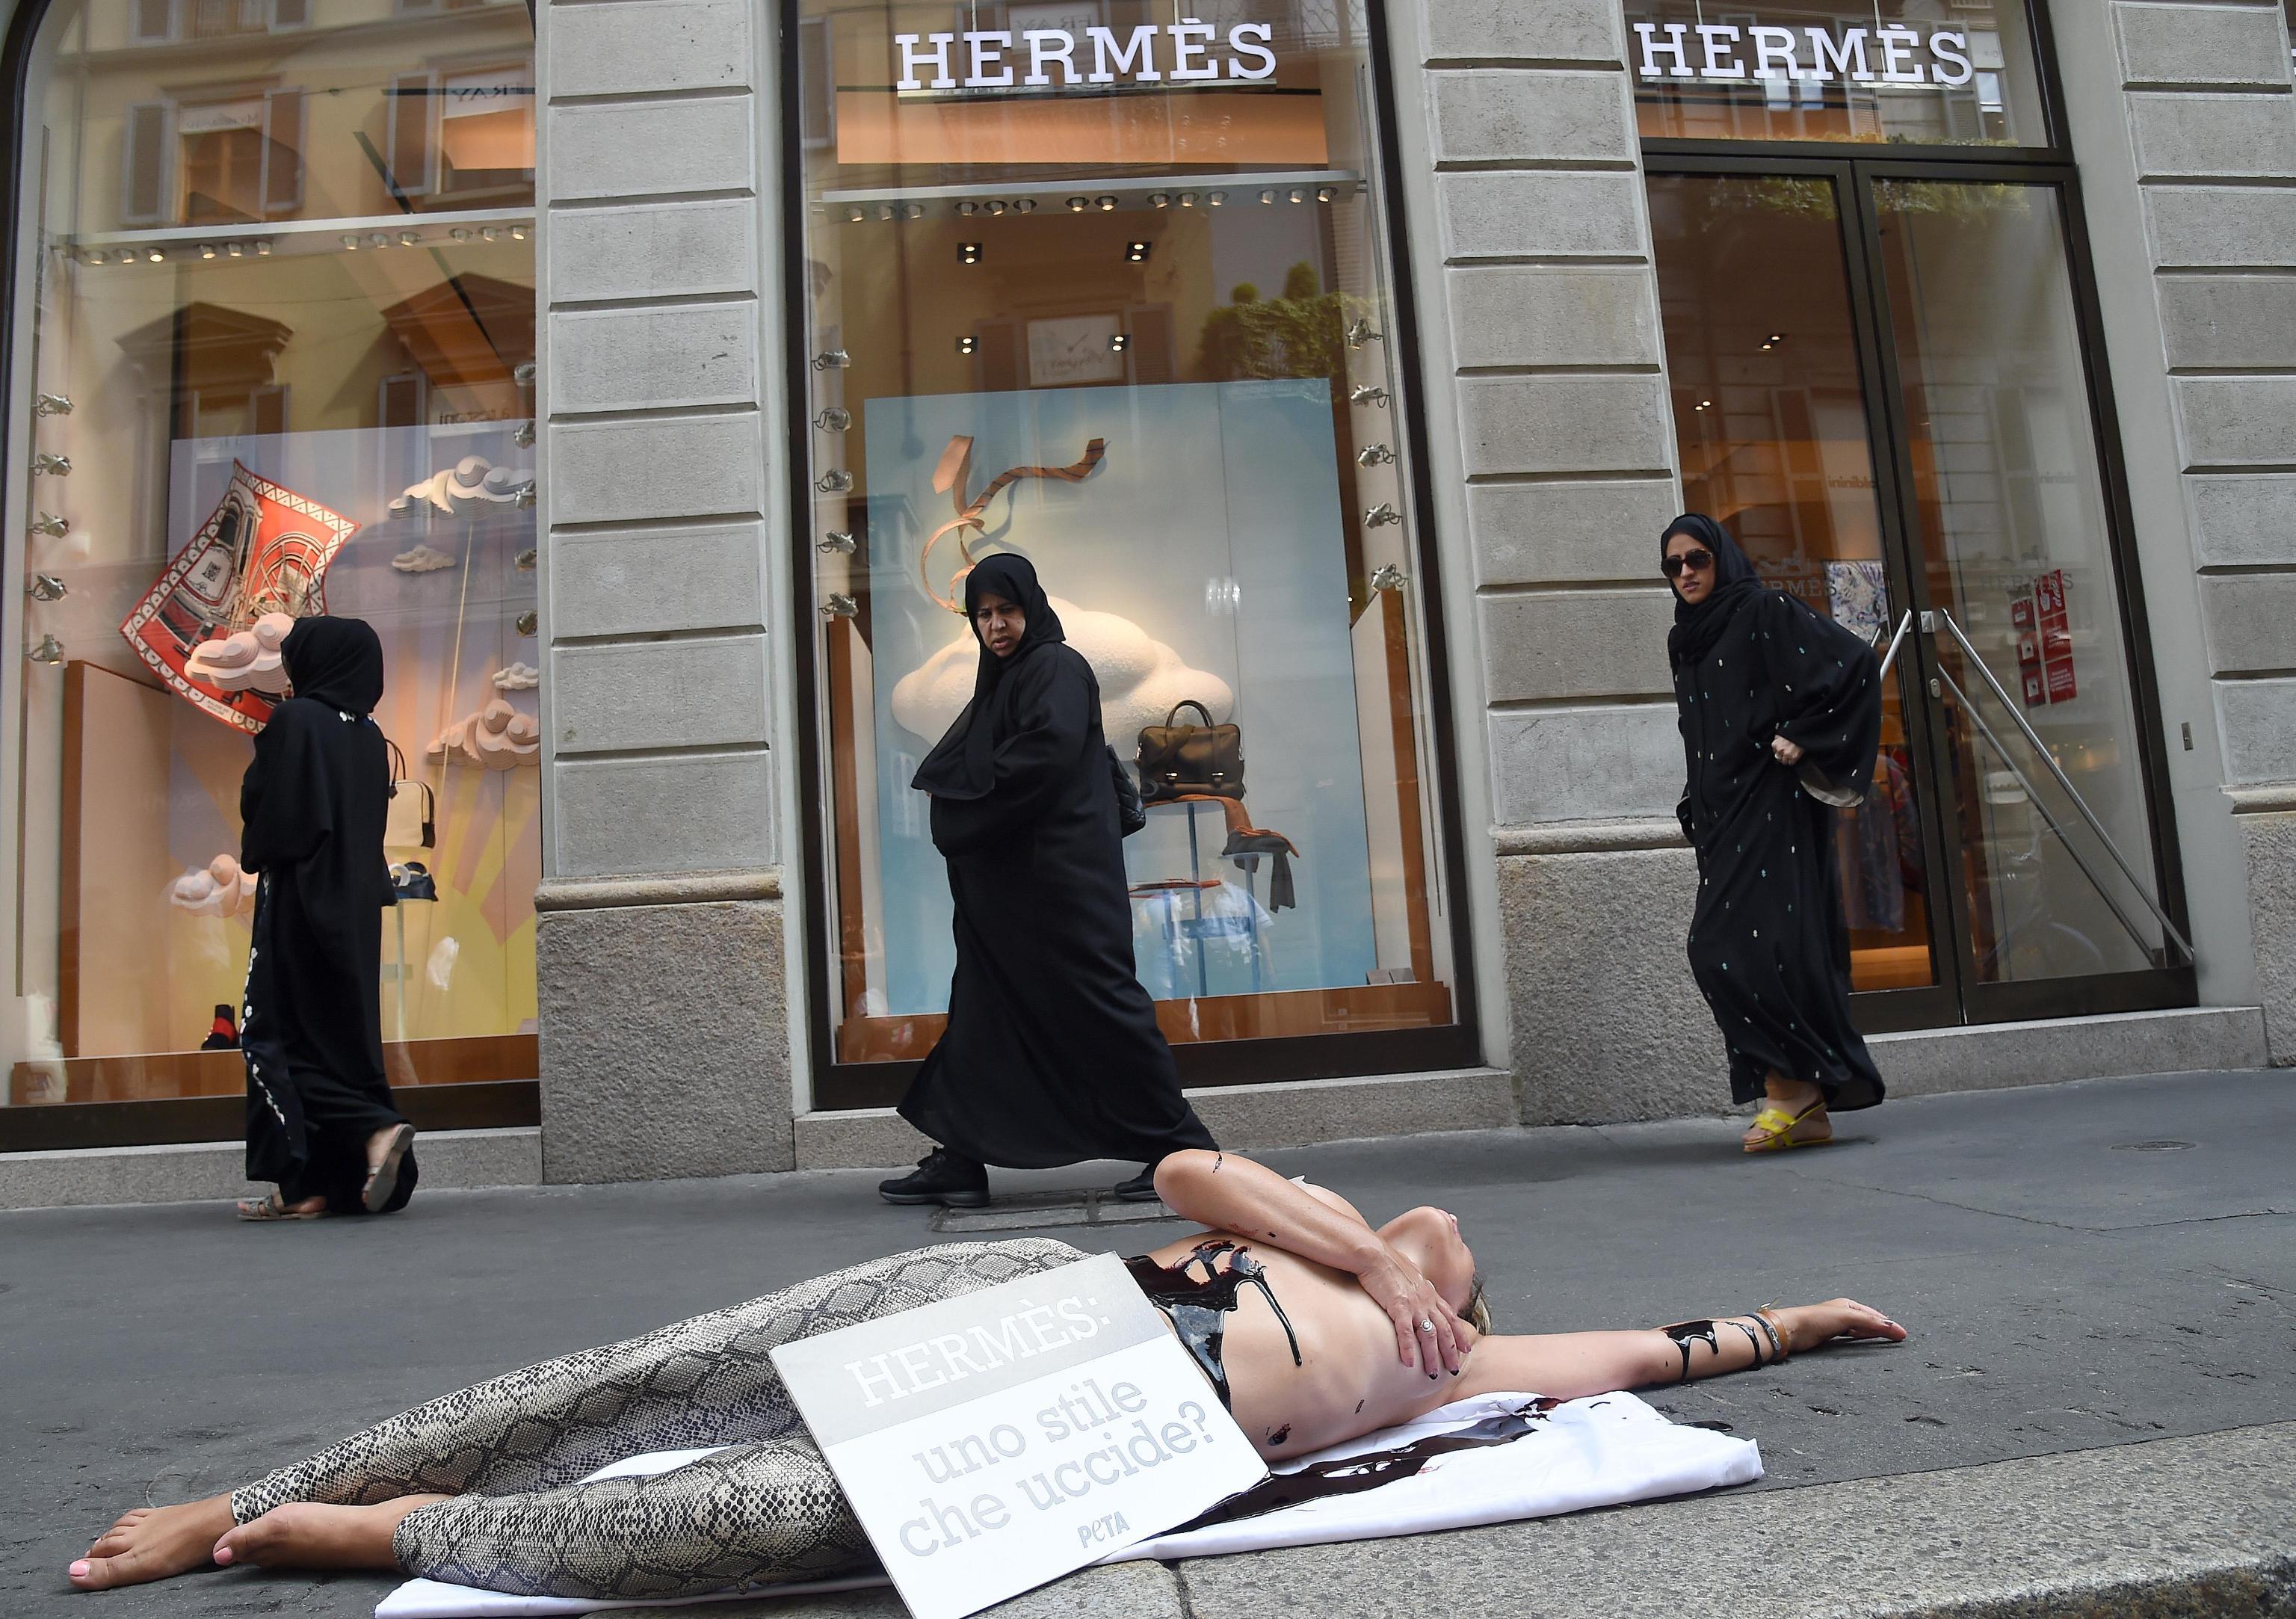 Animalista insanguinata davanti negozio Hermes: protesta Peta a Milano2